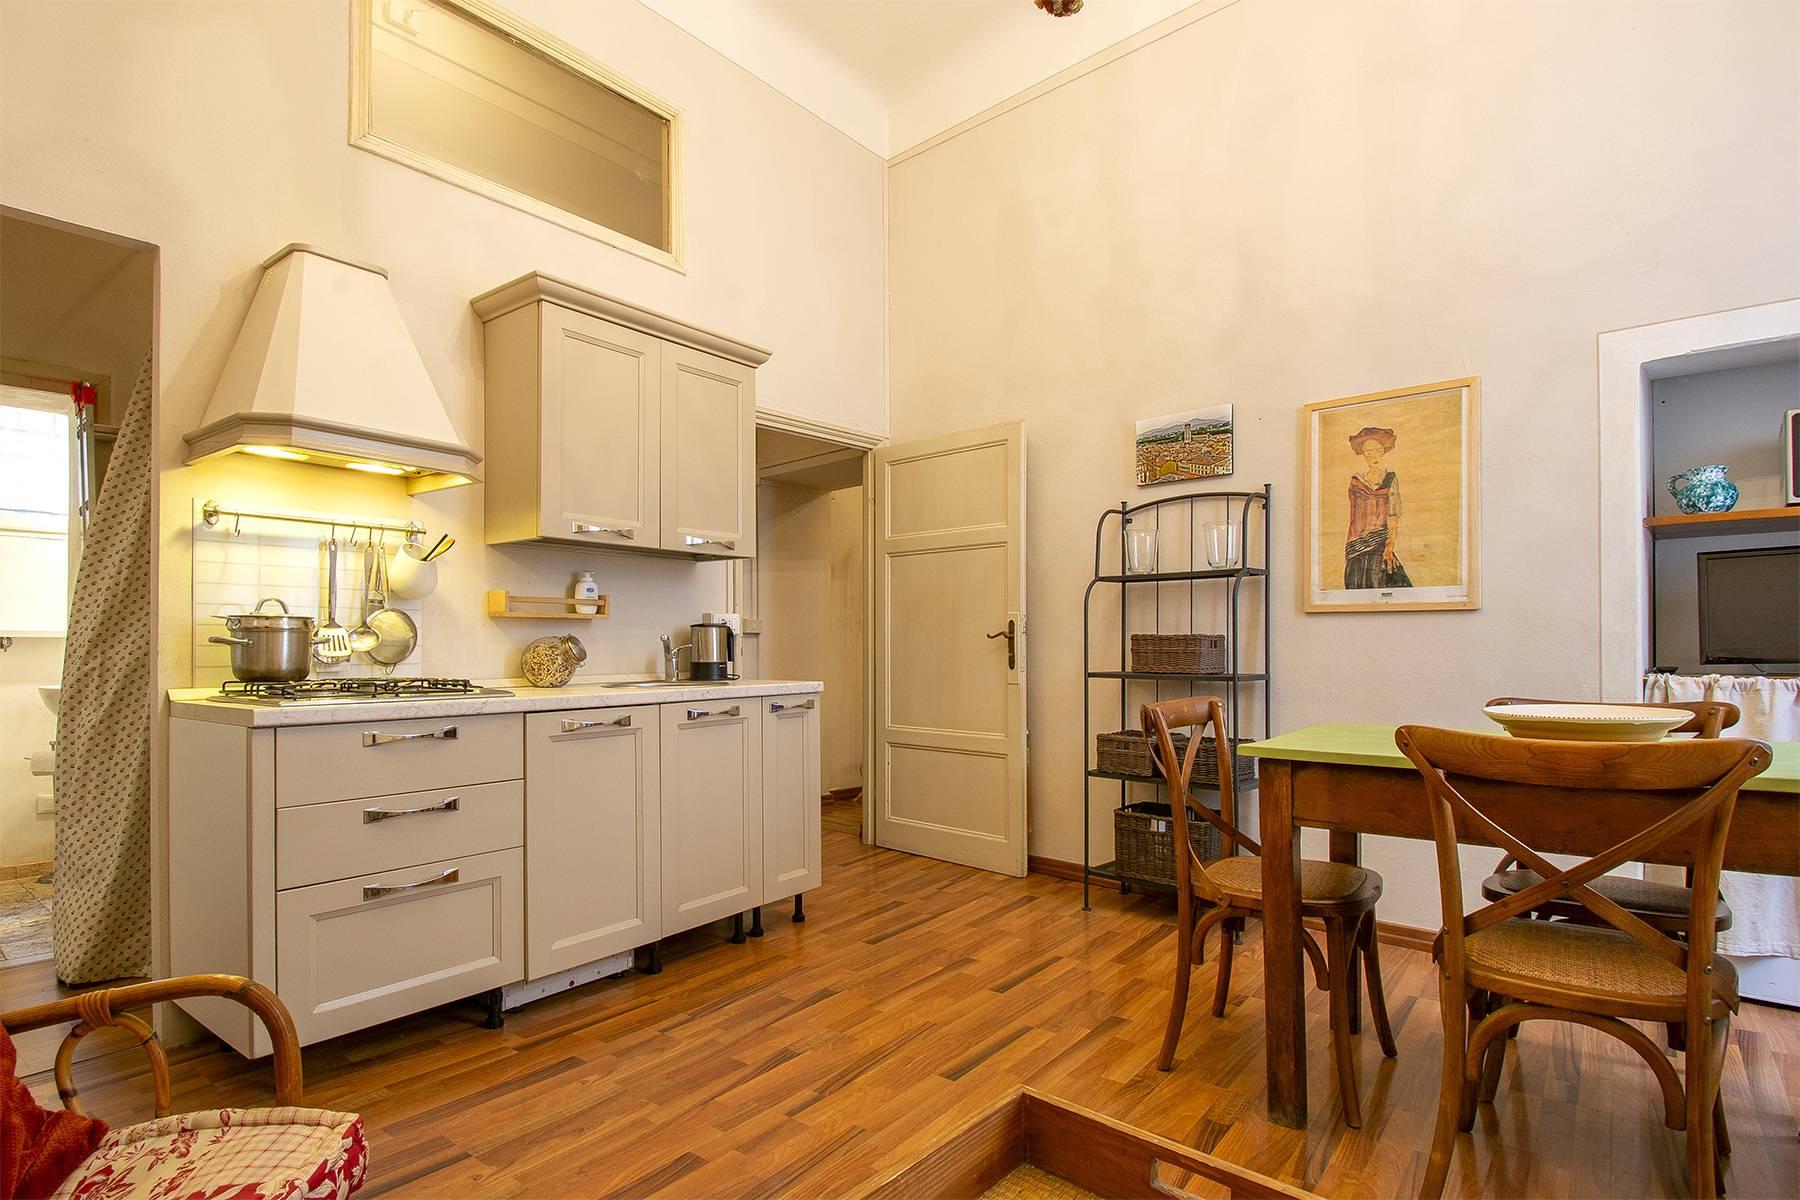 Appartamento in Vendita a Lucca: 5 locali, 180 mq - Foto 9